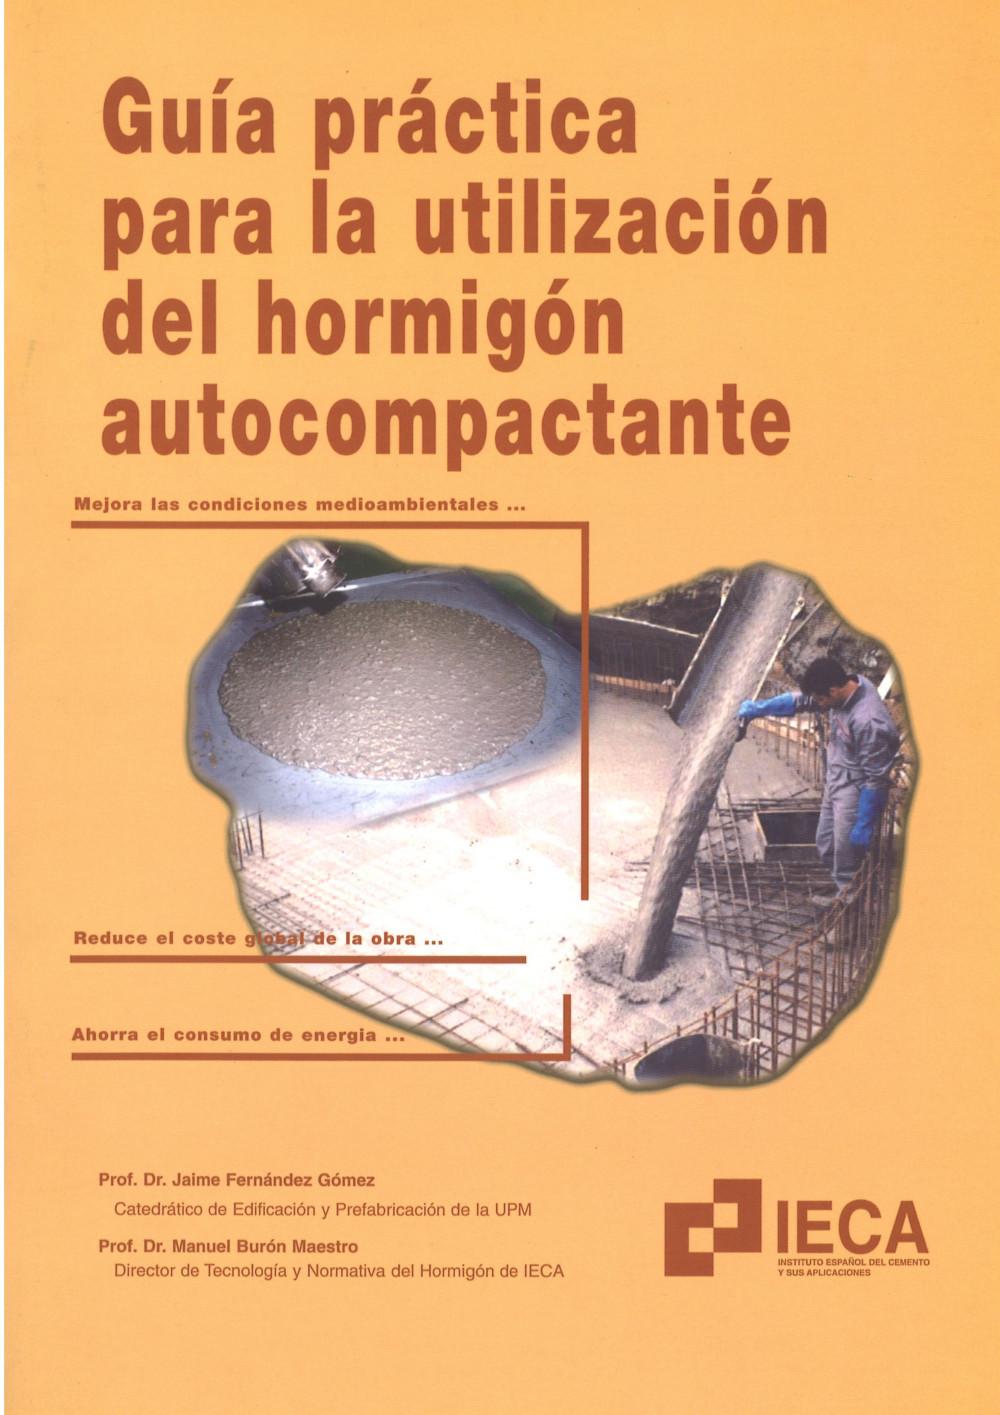 Guía práctica para la utilización del hormigón autocompactante